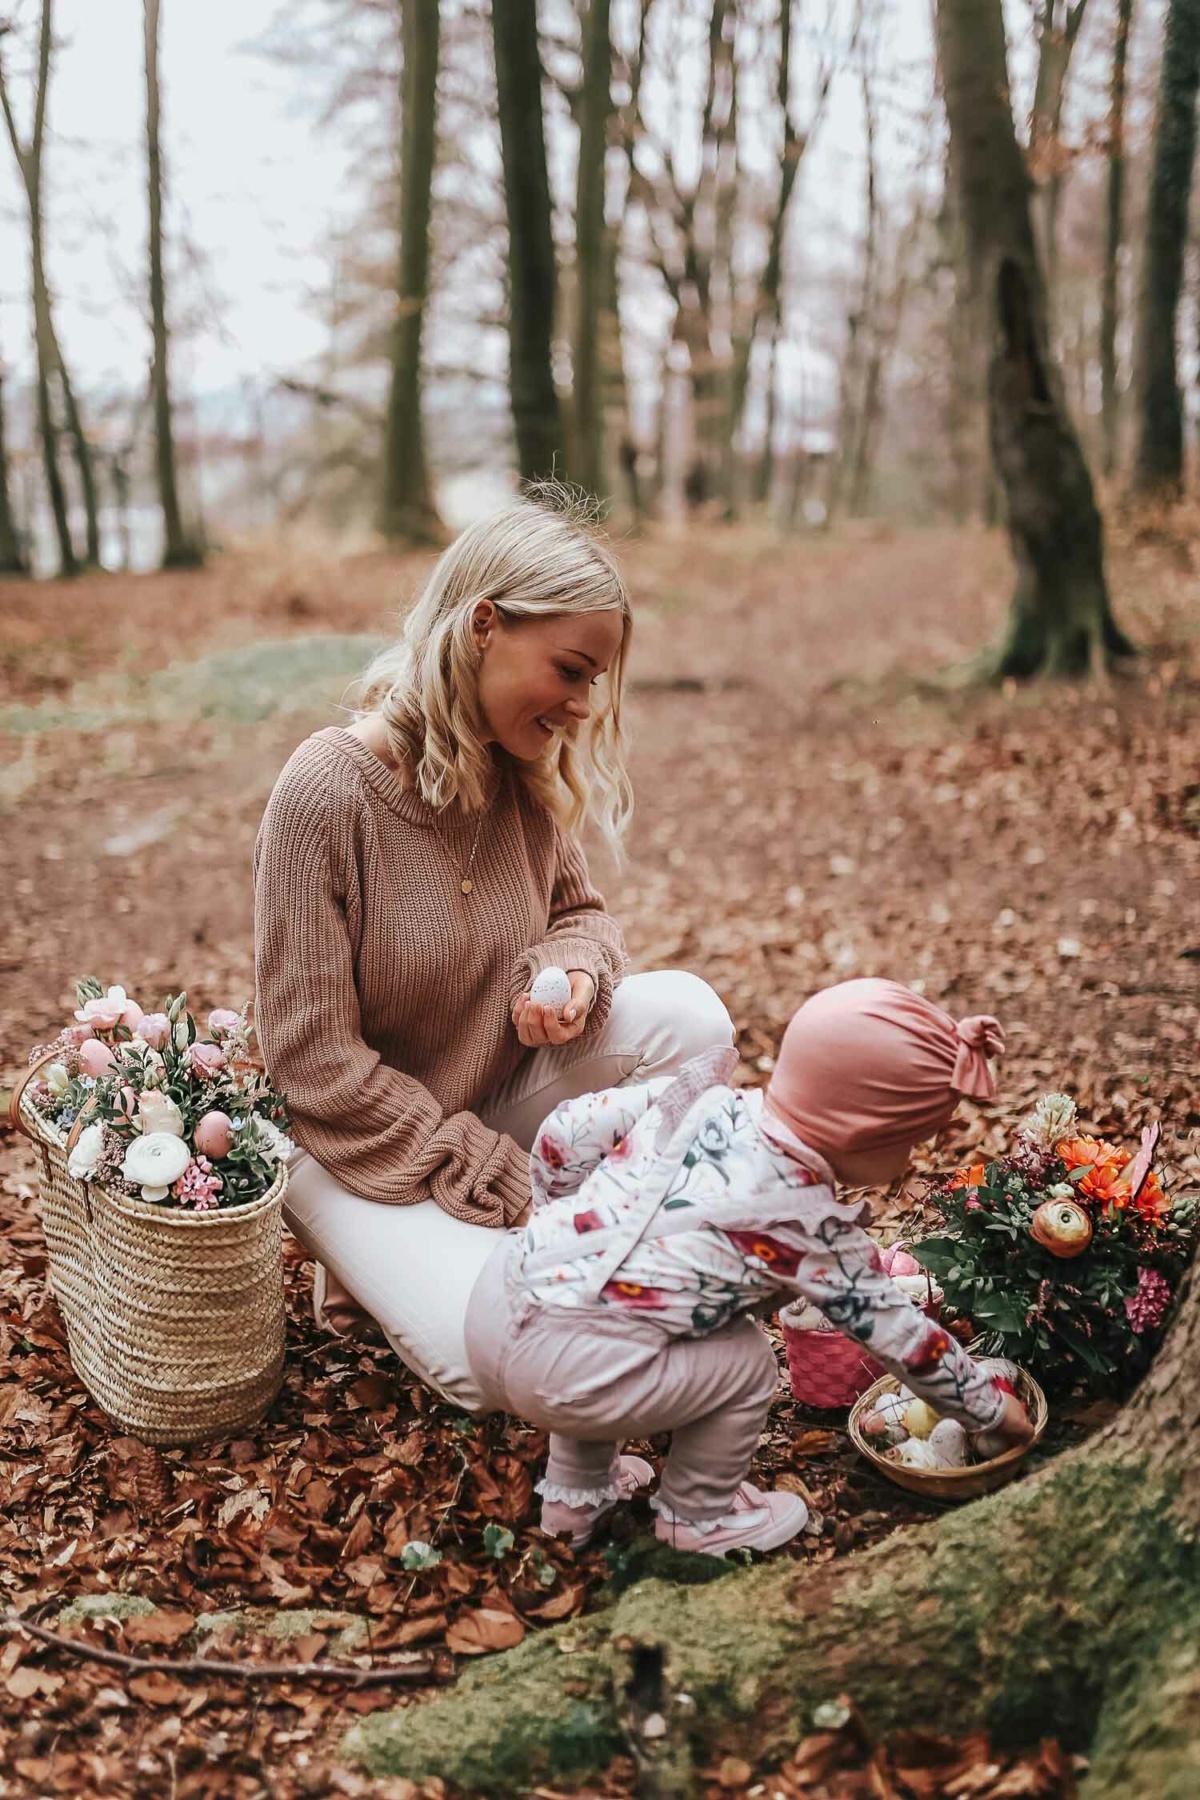 stylingliebe-lifestyleblogger-mamablog-familienblog-muenchen-lifestyleblog-blogger-deutschland-mamablogger-familienblog-familienblogger-familientraditionen-und-kindheitserinnerungen-1